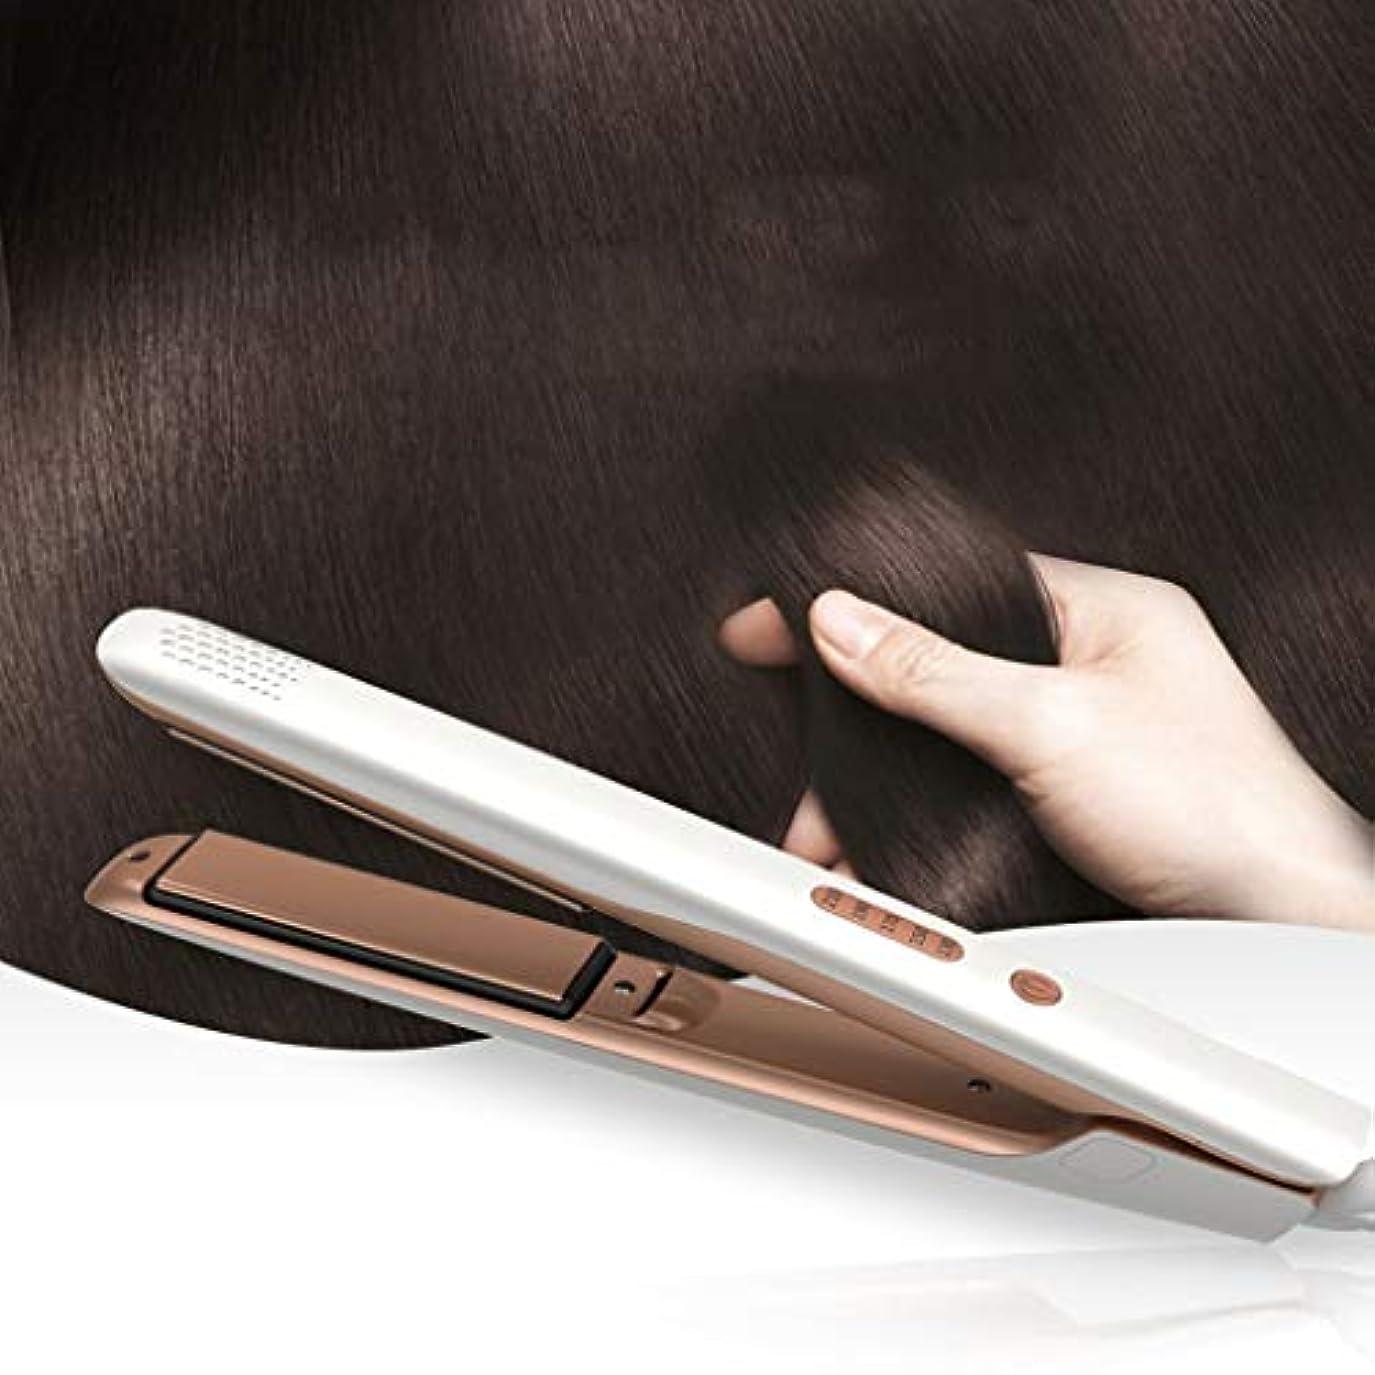 近代化カートリッジレイアJWWOZ 5速温度制御セラミックストレートヘアアイロンマイナスイオン修理髪質高速ヘアスタイリングデバイス ストレートヘアアイロン